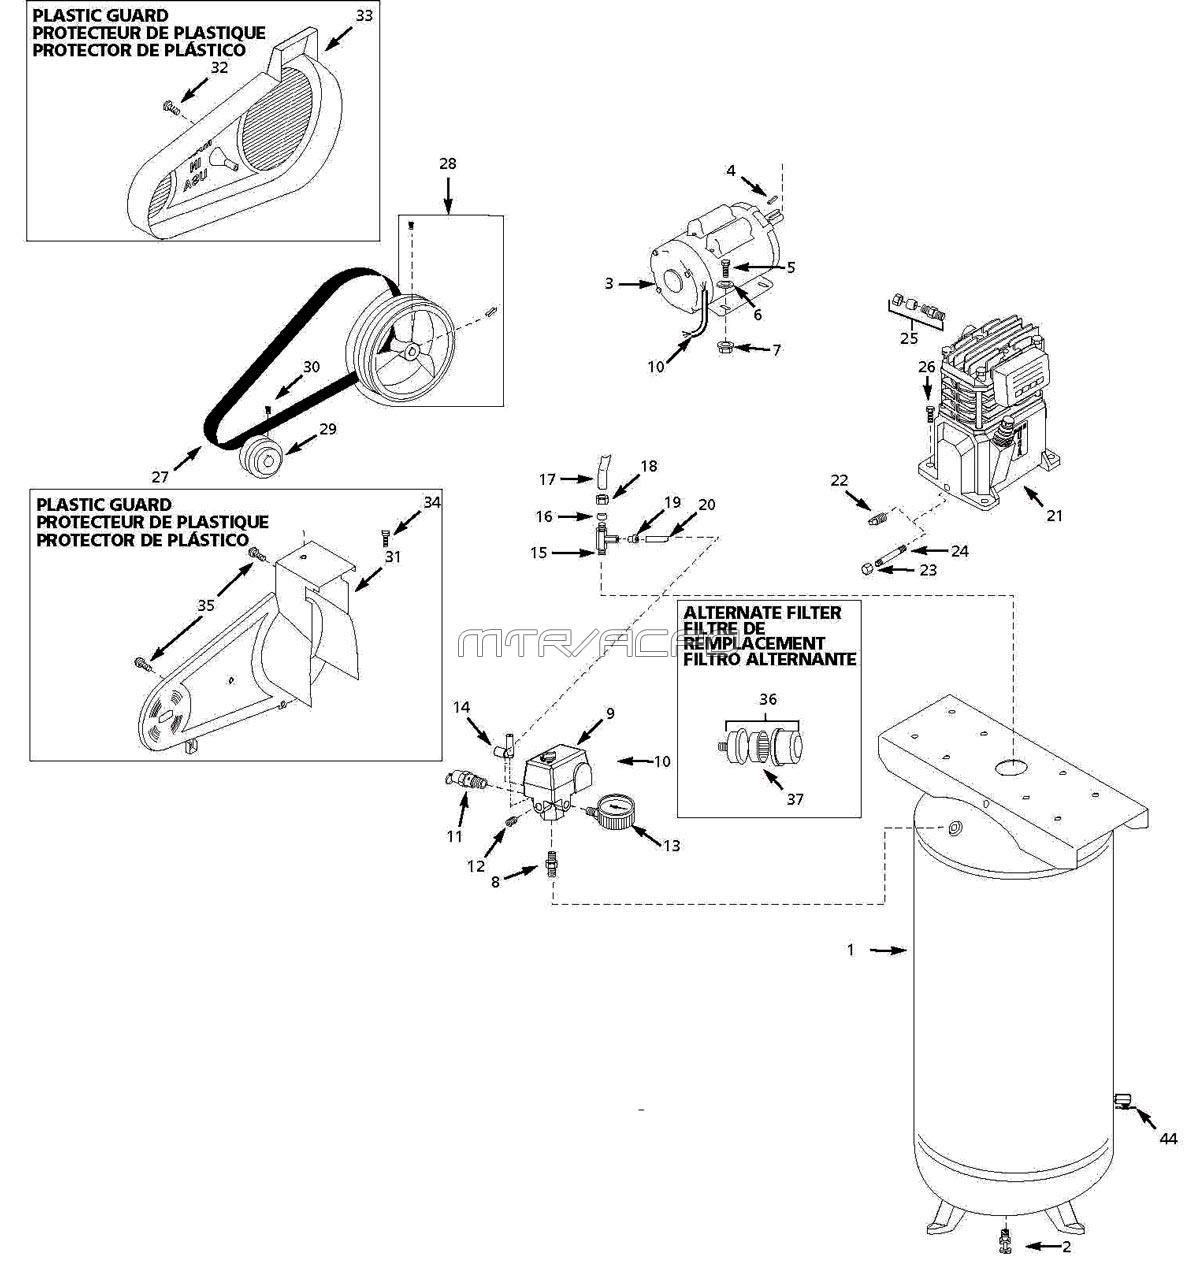 Husky Air Compressor Wiring Diagram